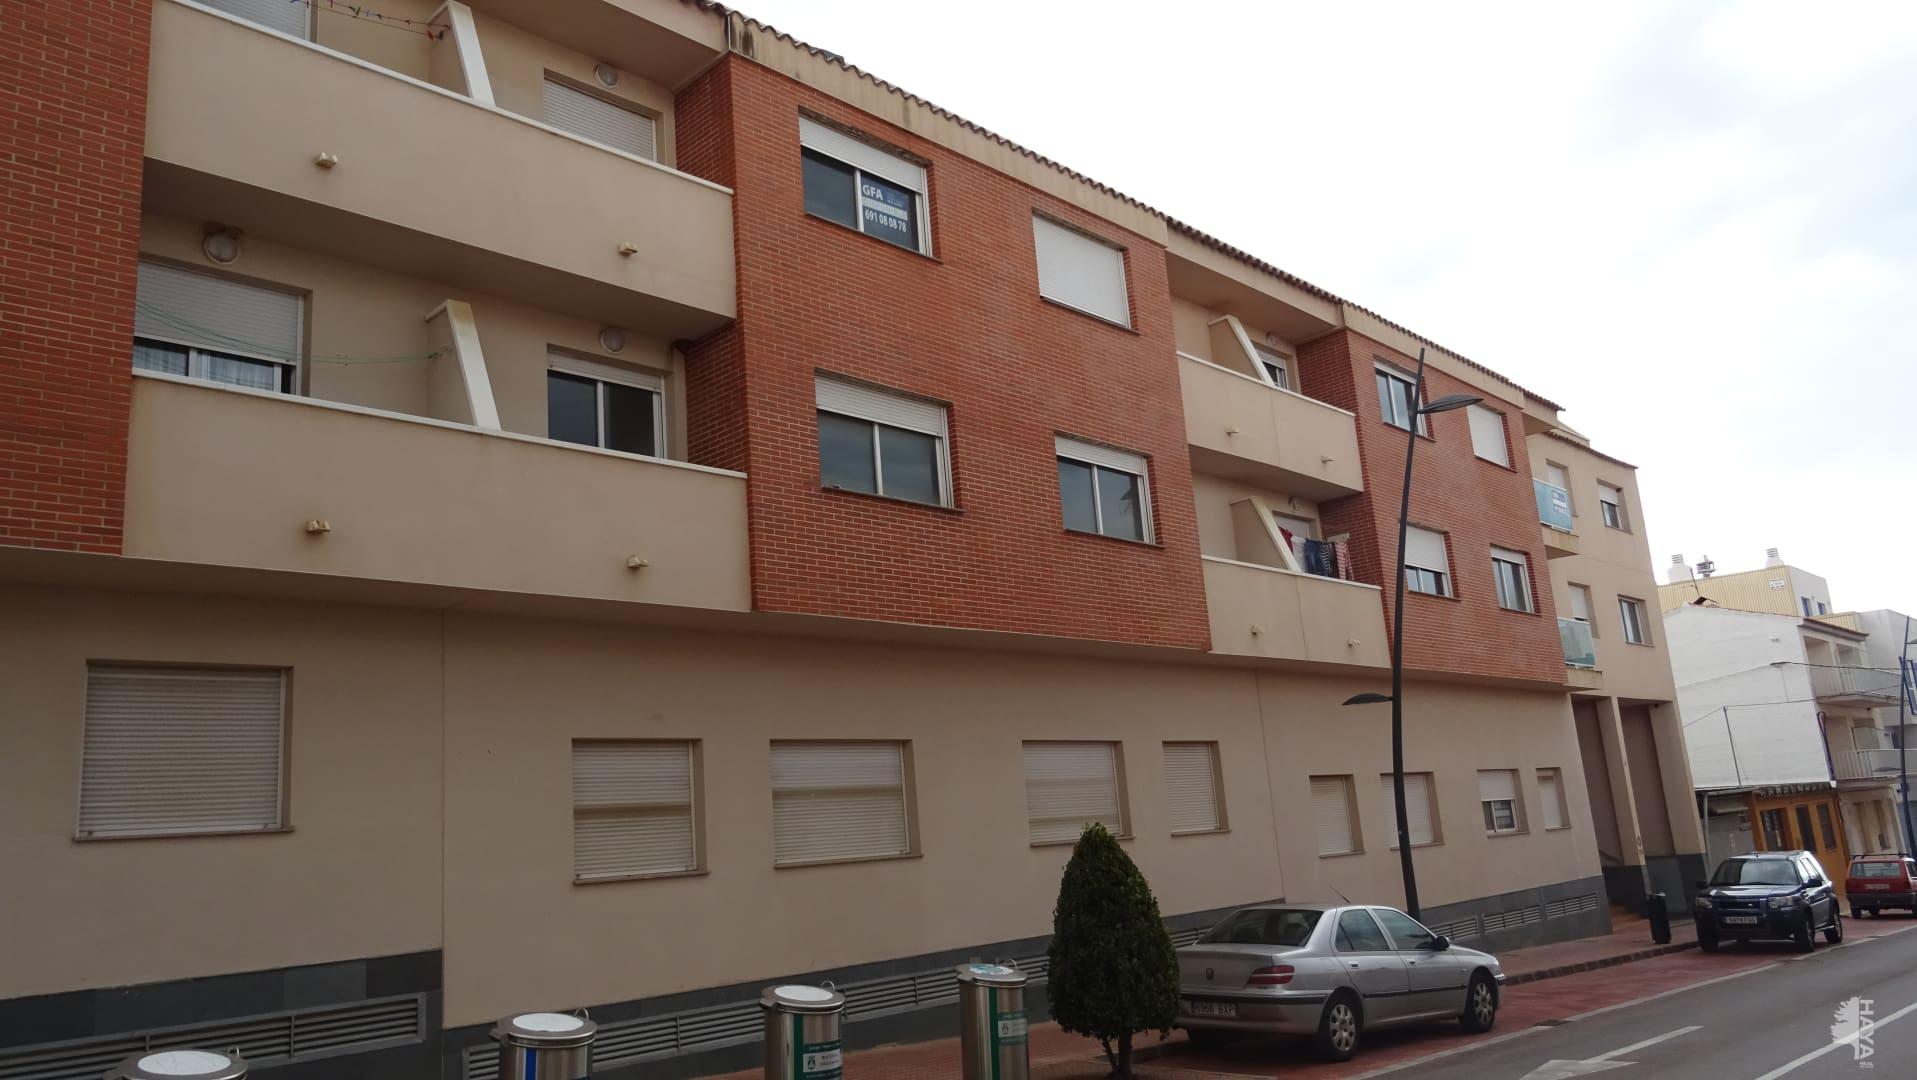 Piso en venta en Torreblanca, Castellón, Calle Colon, 48.000 €, 2 habitaciones, 1 baño, 68 m2